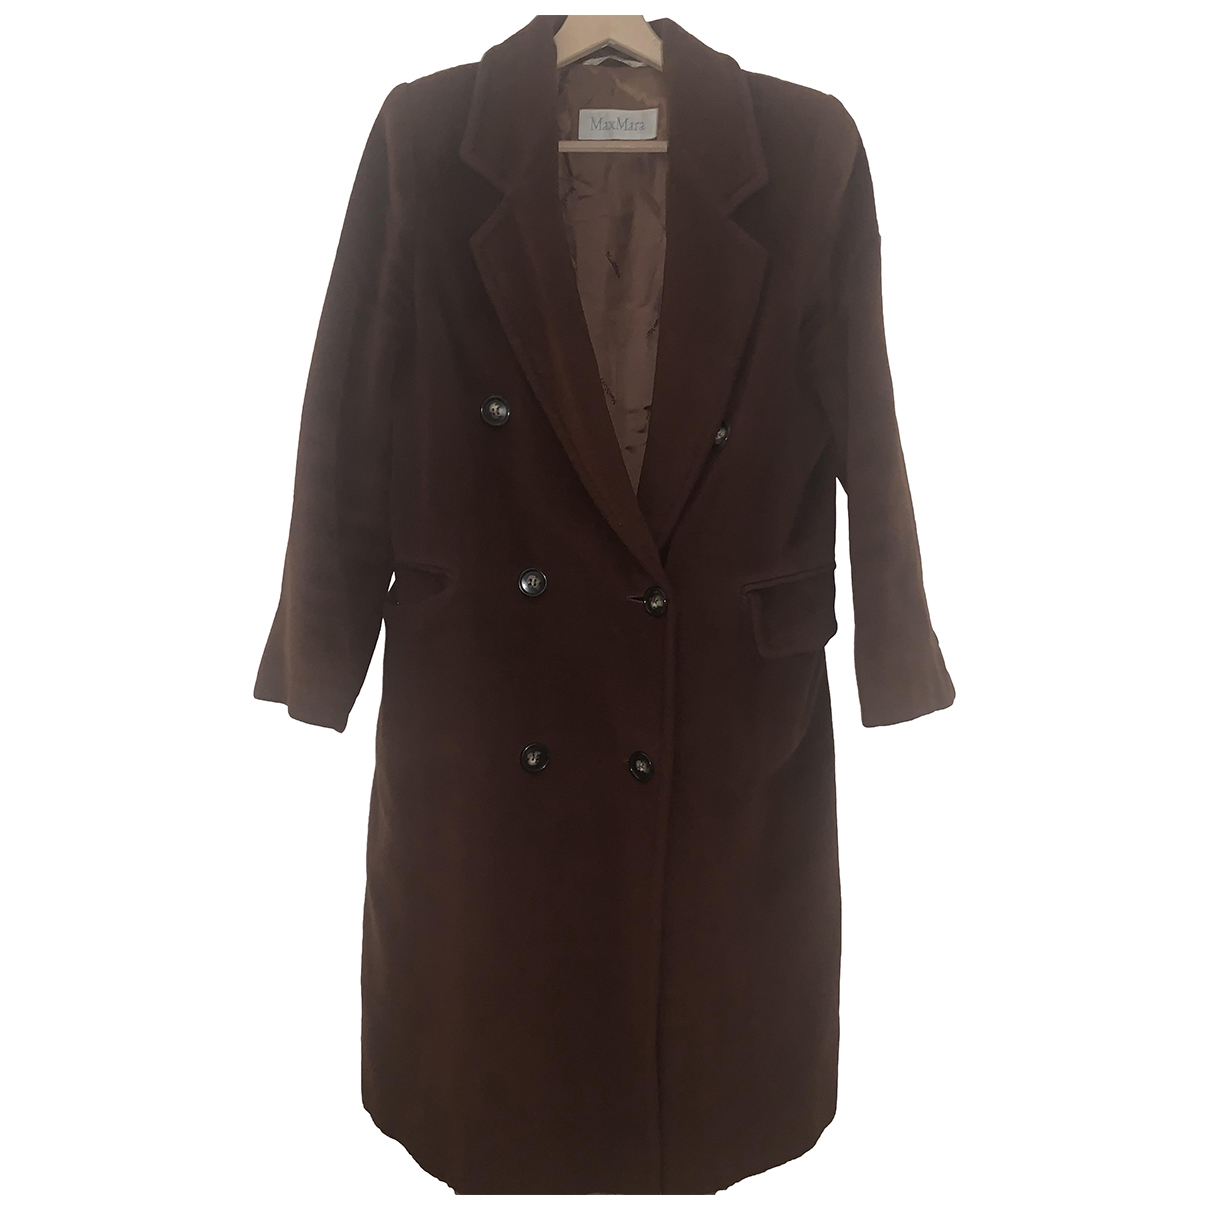 Max Mara - Manteau   pour femme en cachemire - marron